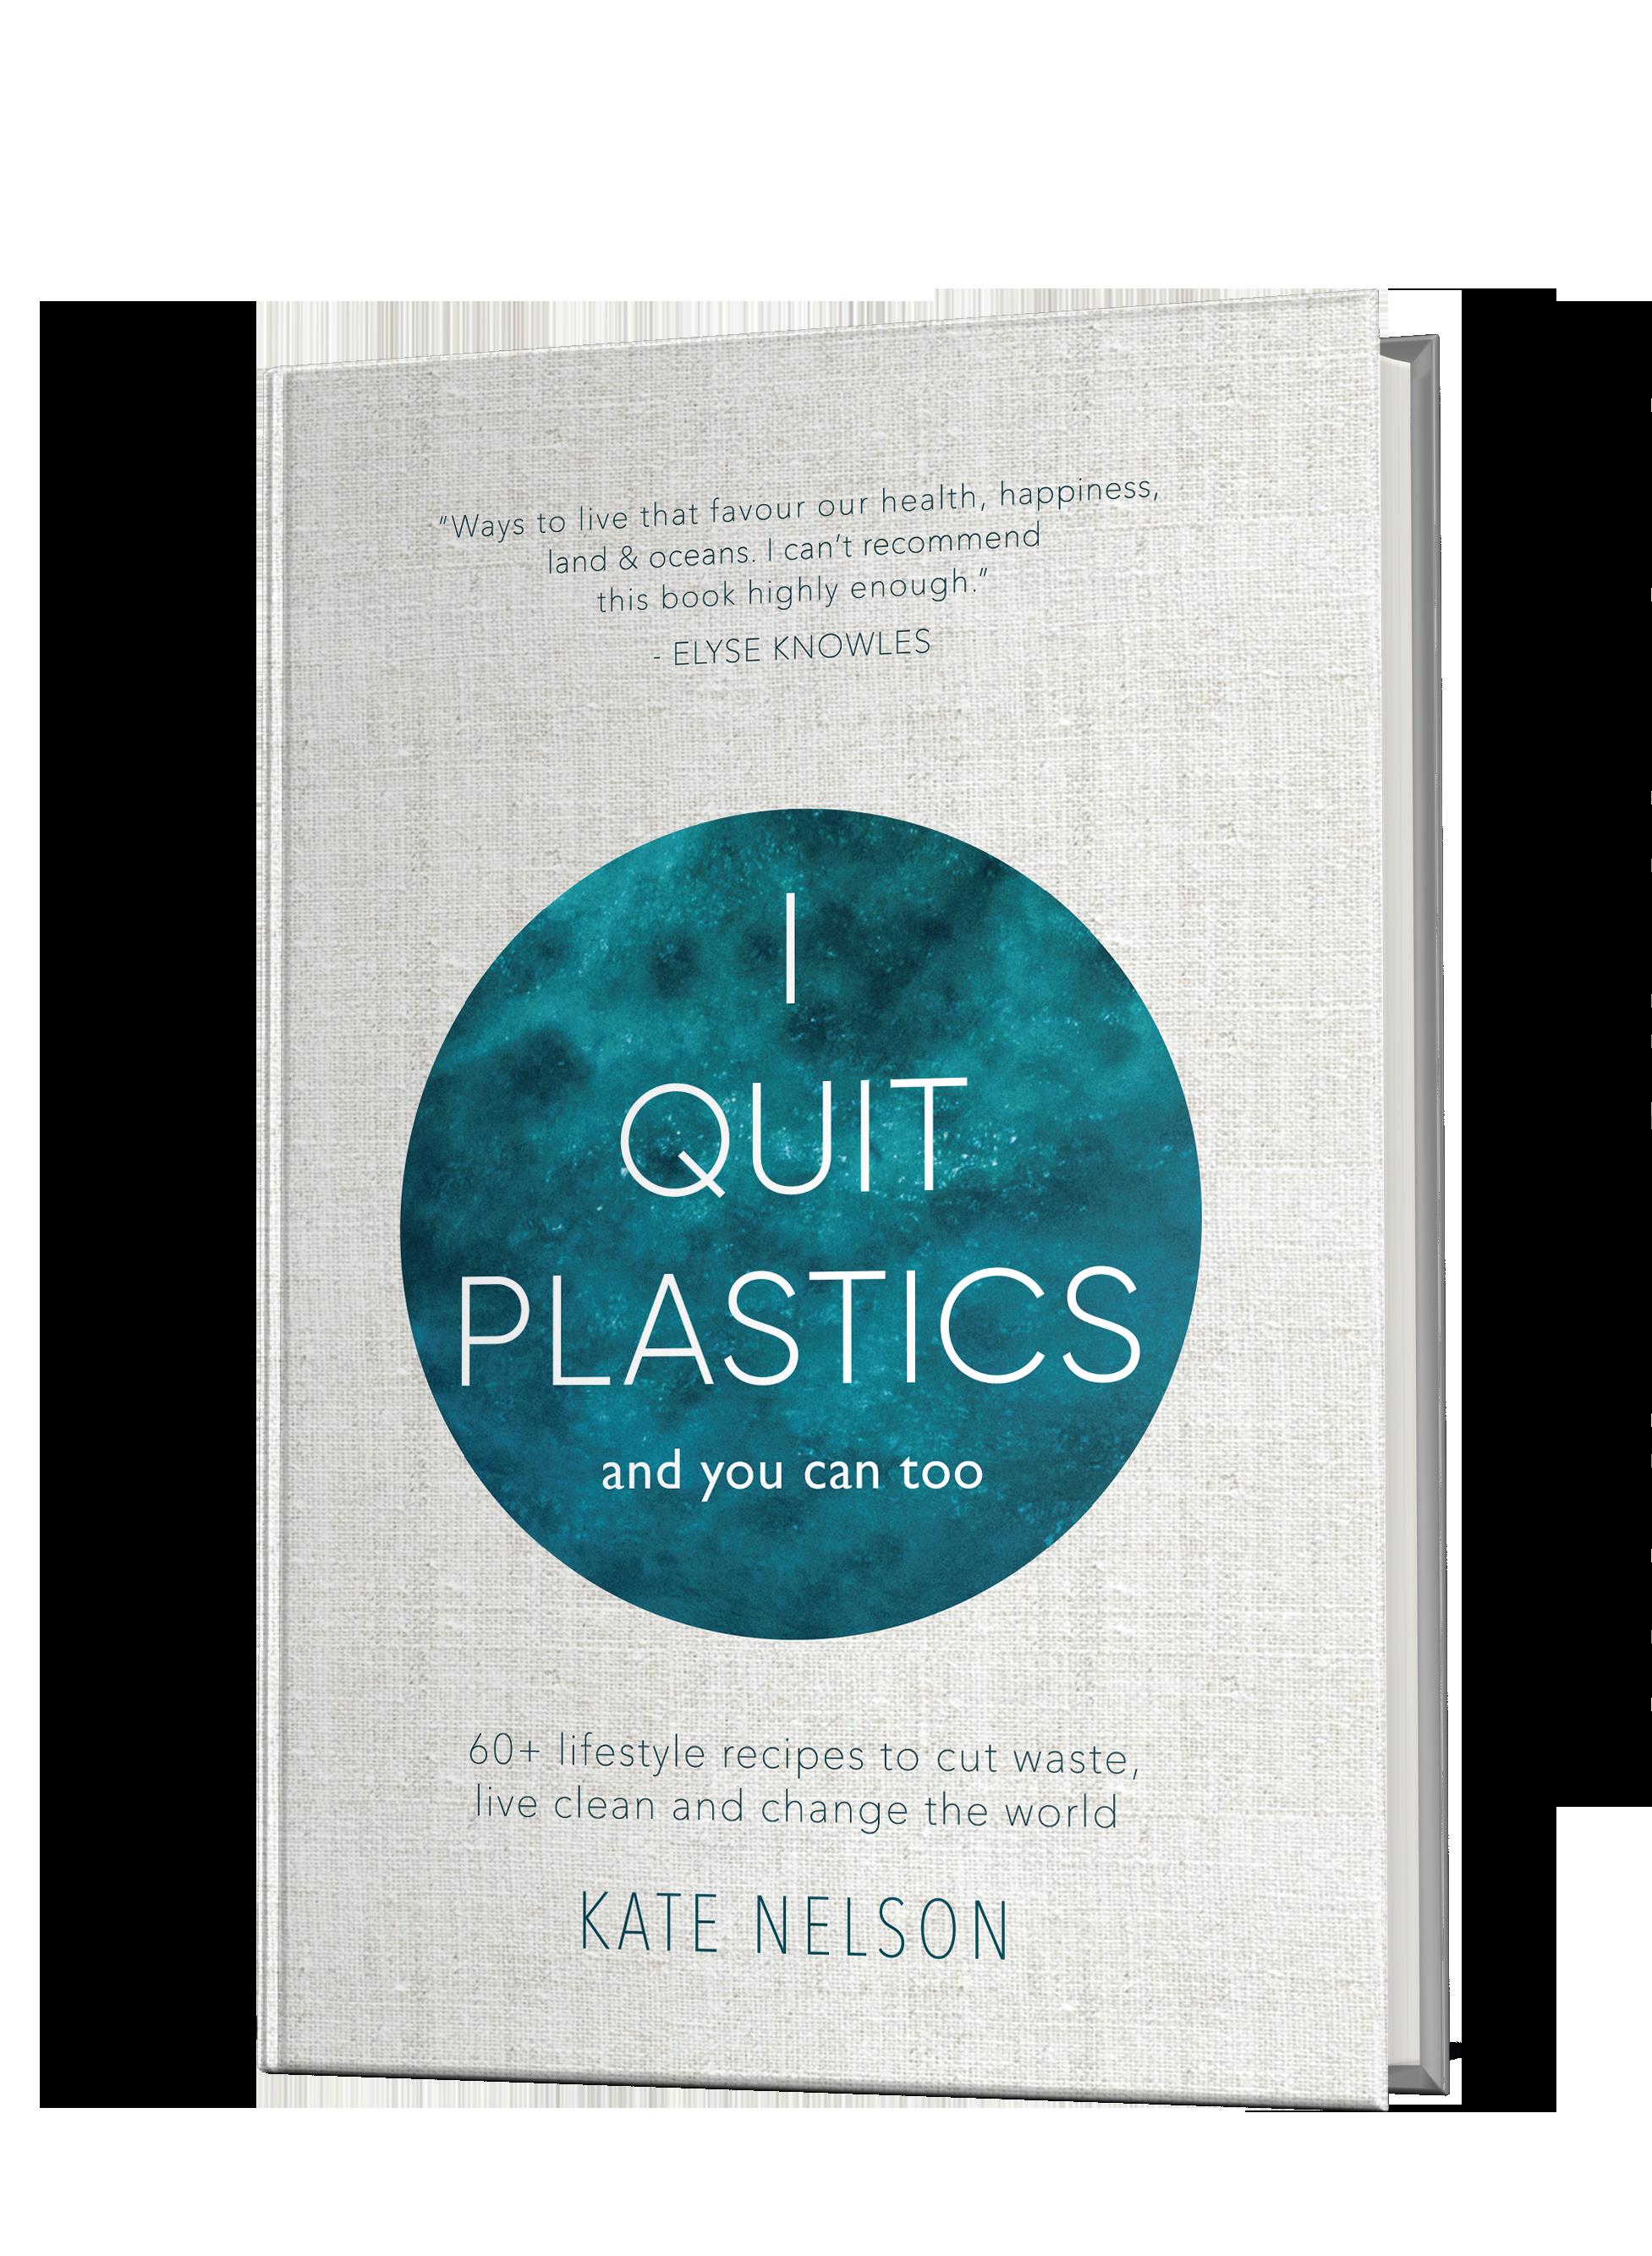 I Quit Plastics Cover Image